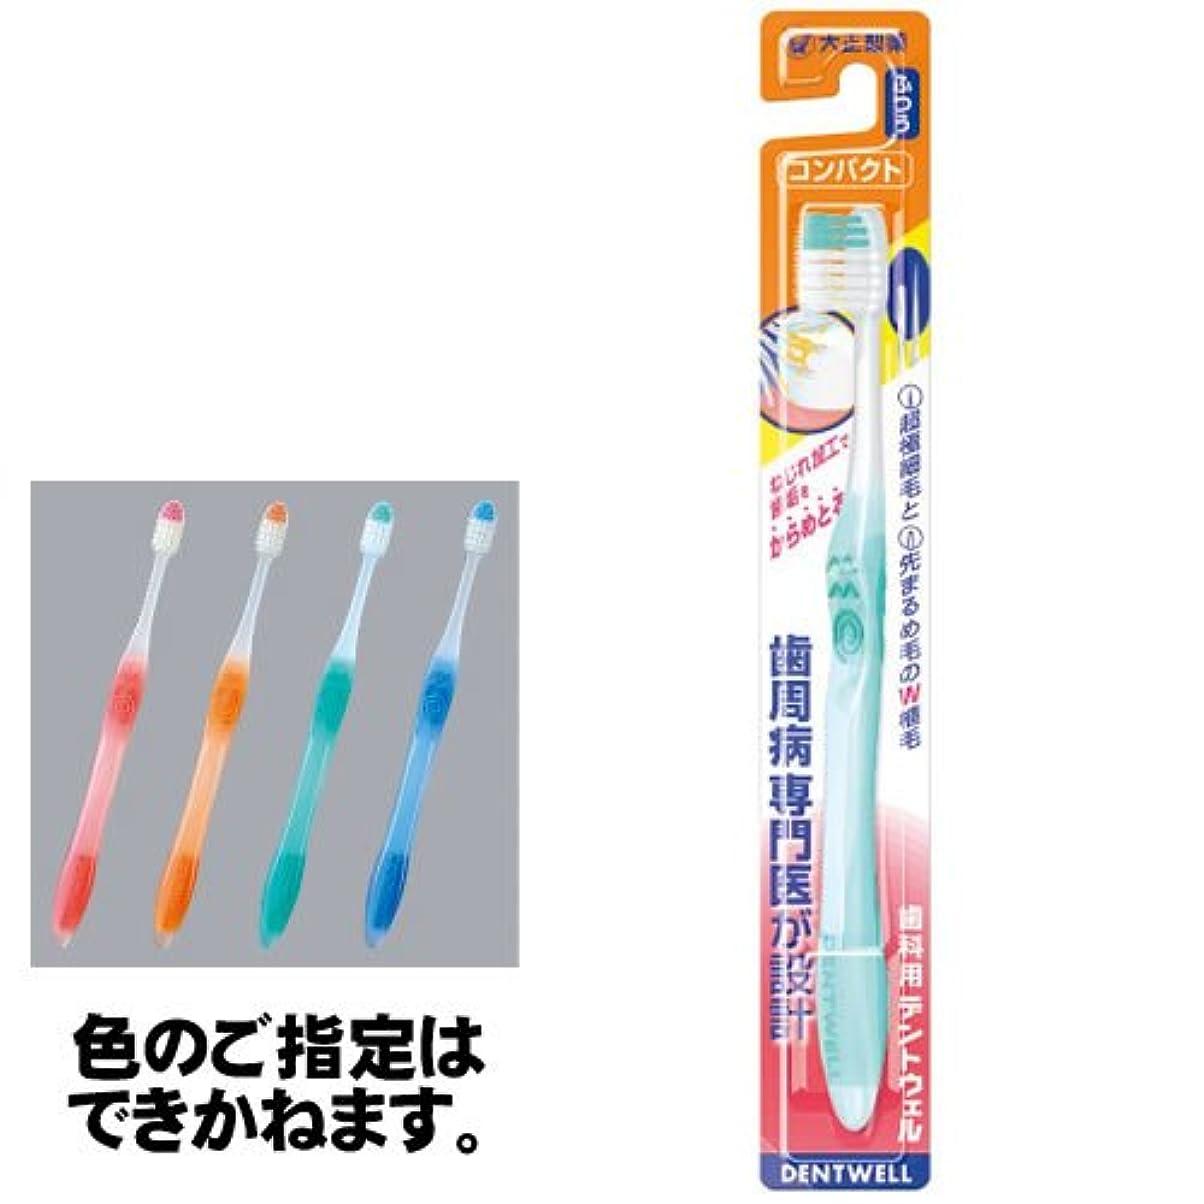 歌花束パケット〔大正製薬〕歯科用デントウェル歯ブラシ コンパクト ふつう×12本セット